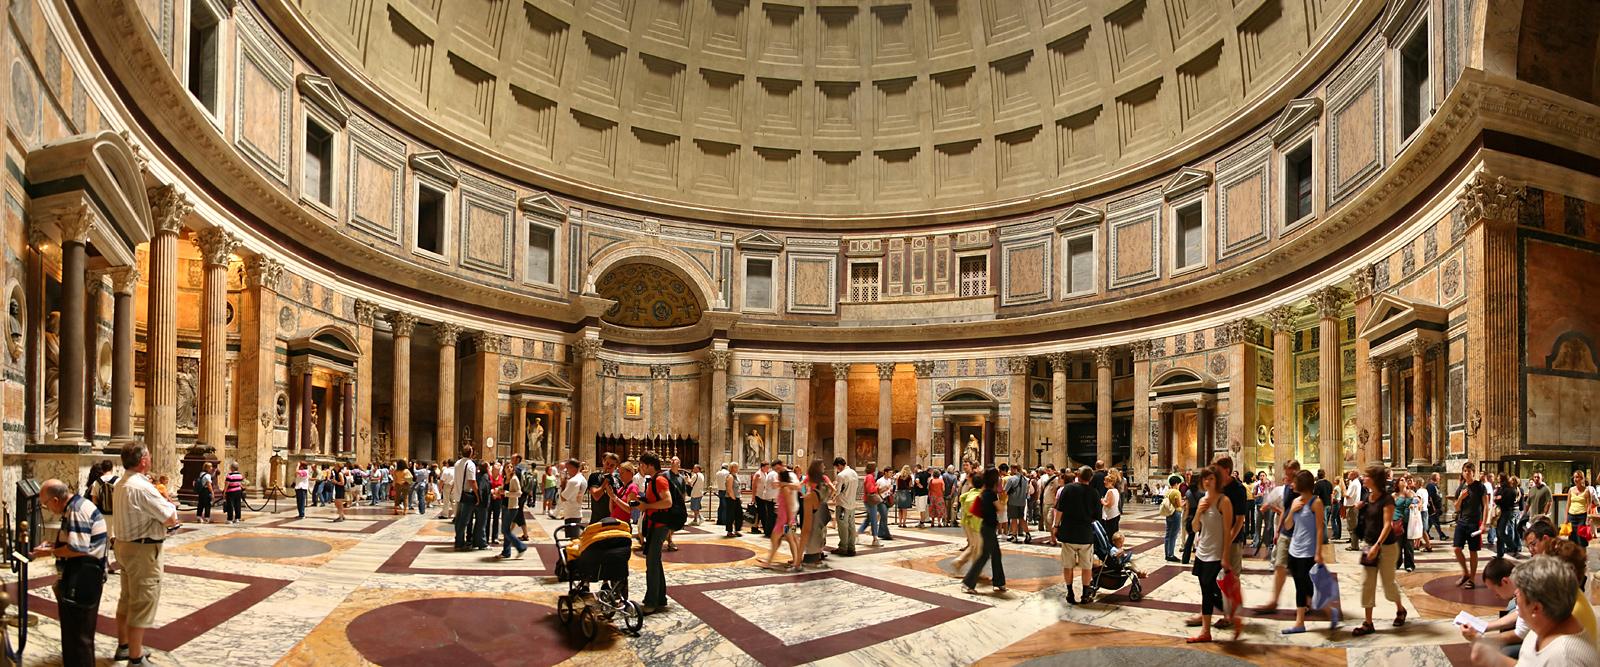 แพนธีออน (Pantheon) เเลนด์มาร์คเเห่งโรม - เที่ยวต่างประเทศ เที่ยวรอบโลก